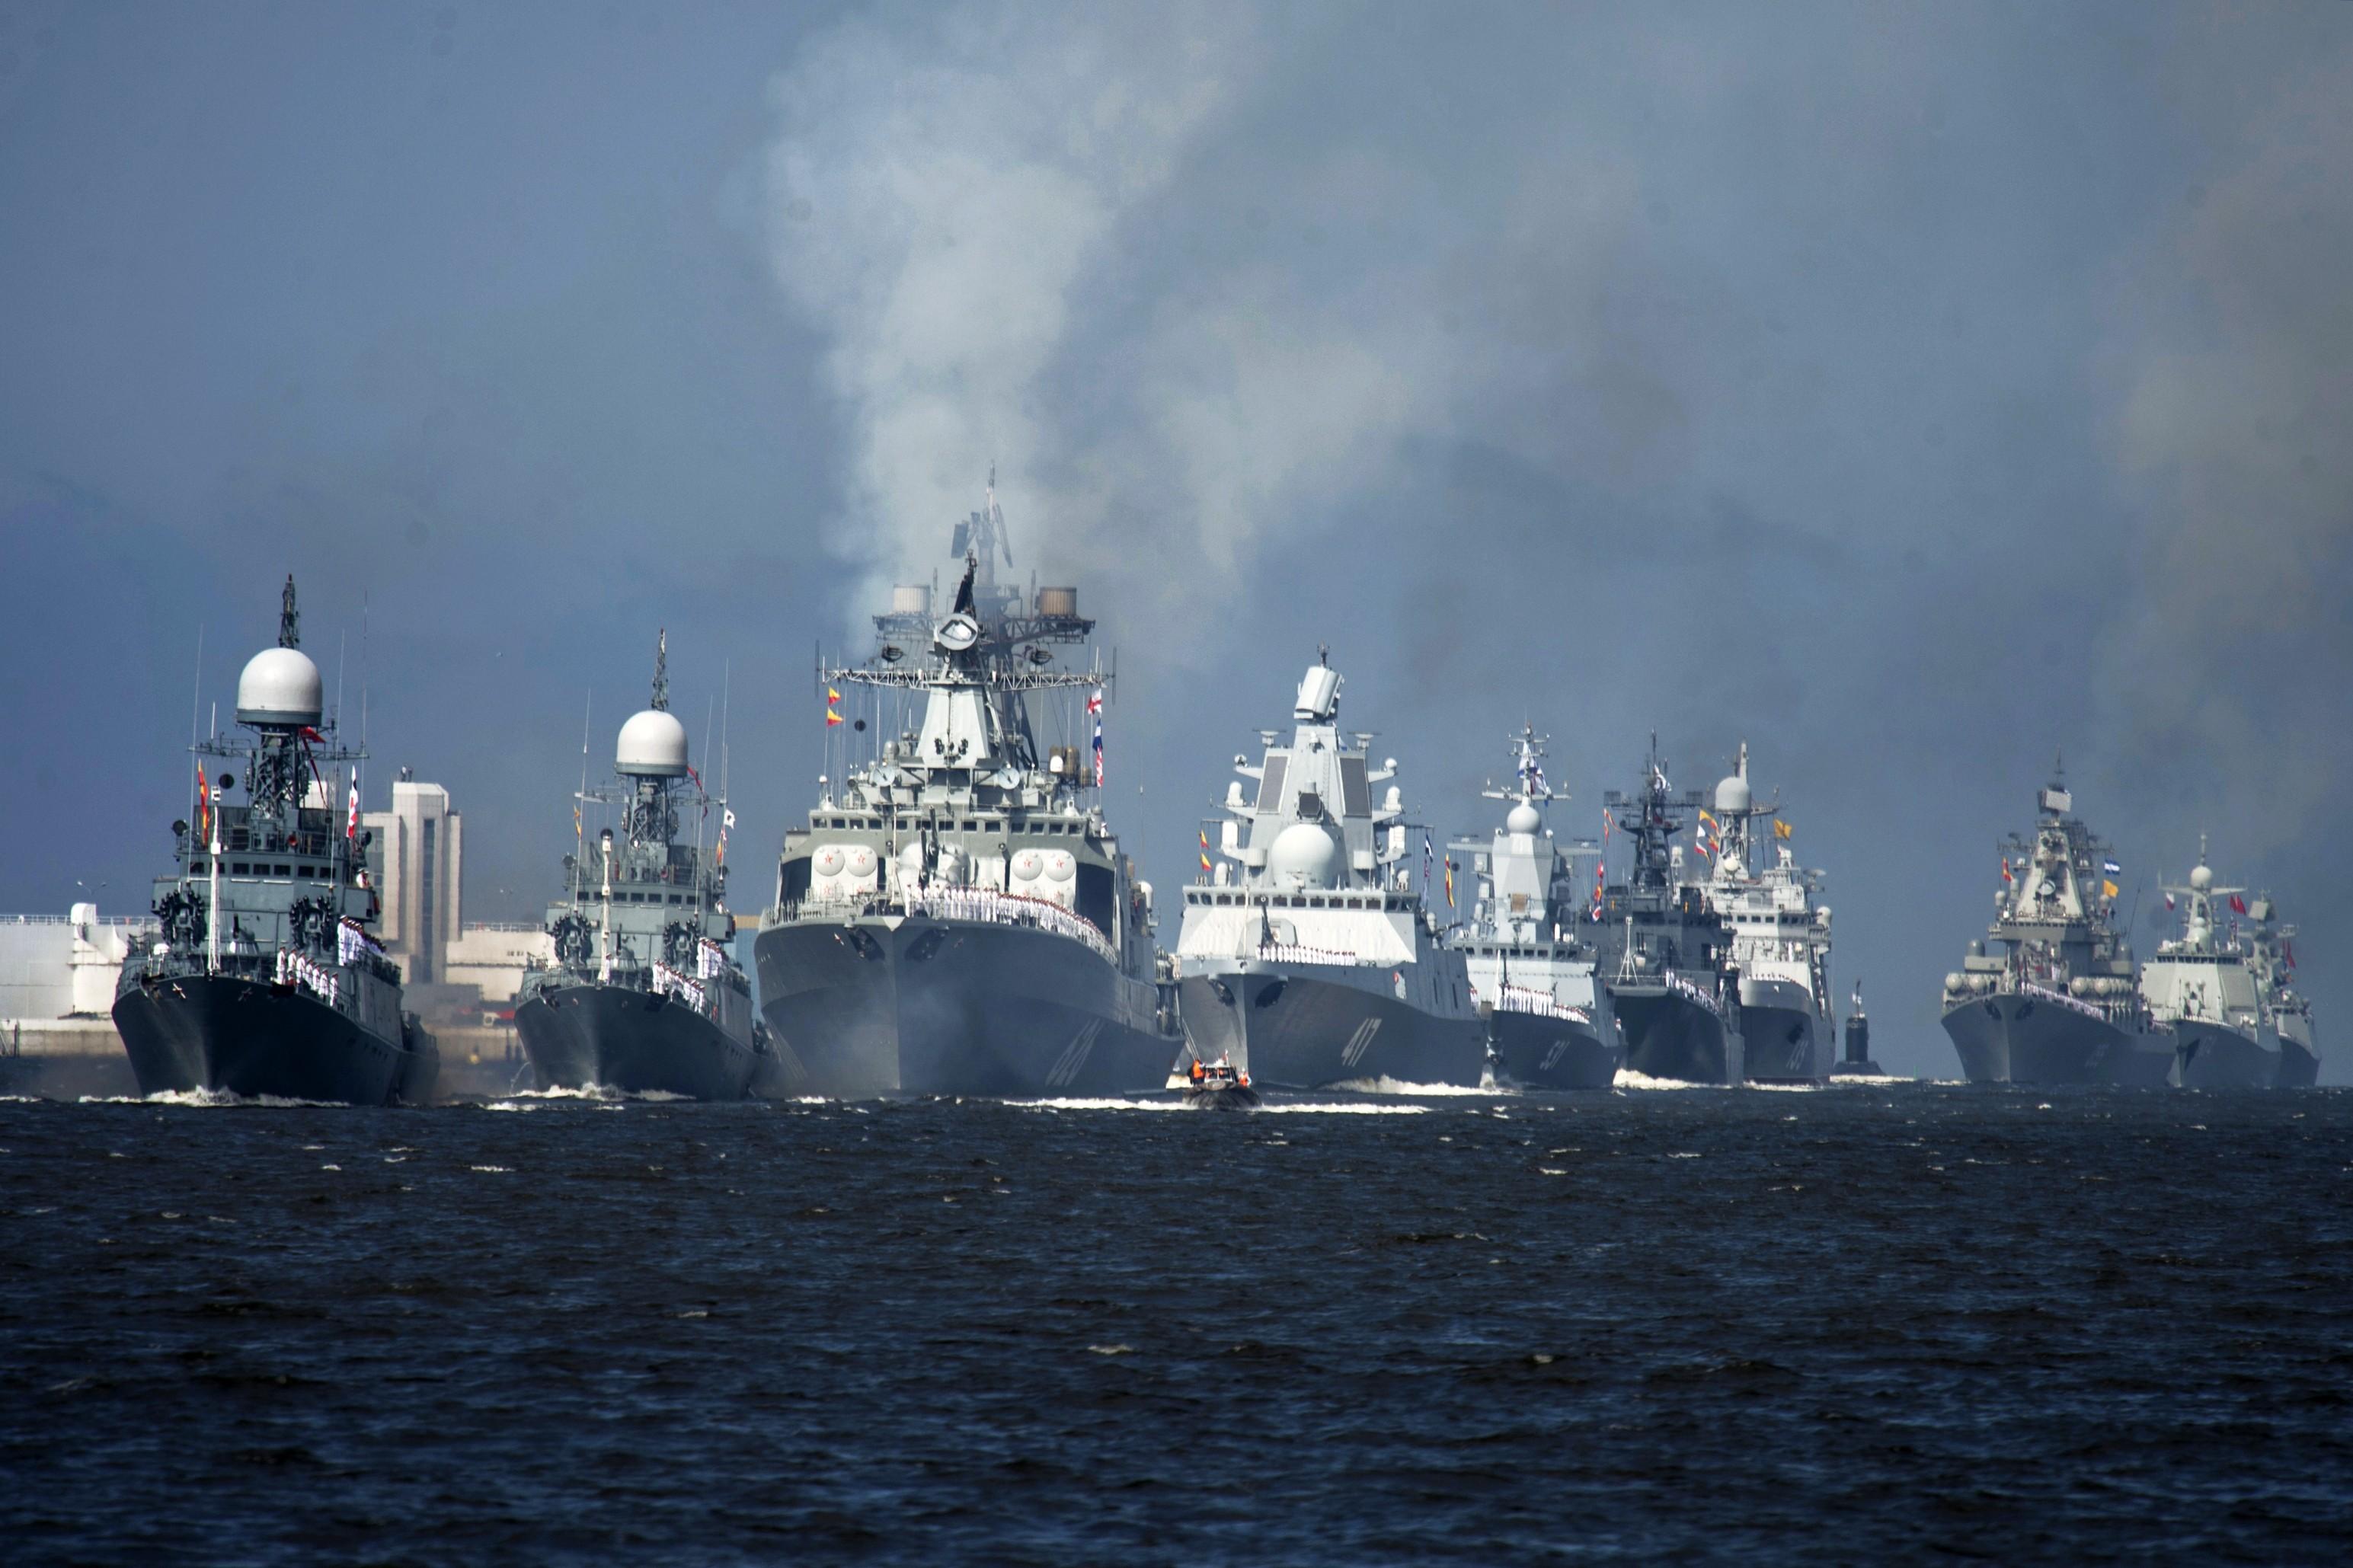 необходимости, черноморский флот вмф россии техника нанесения